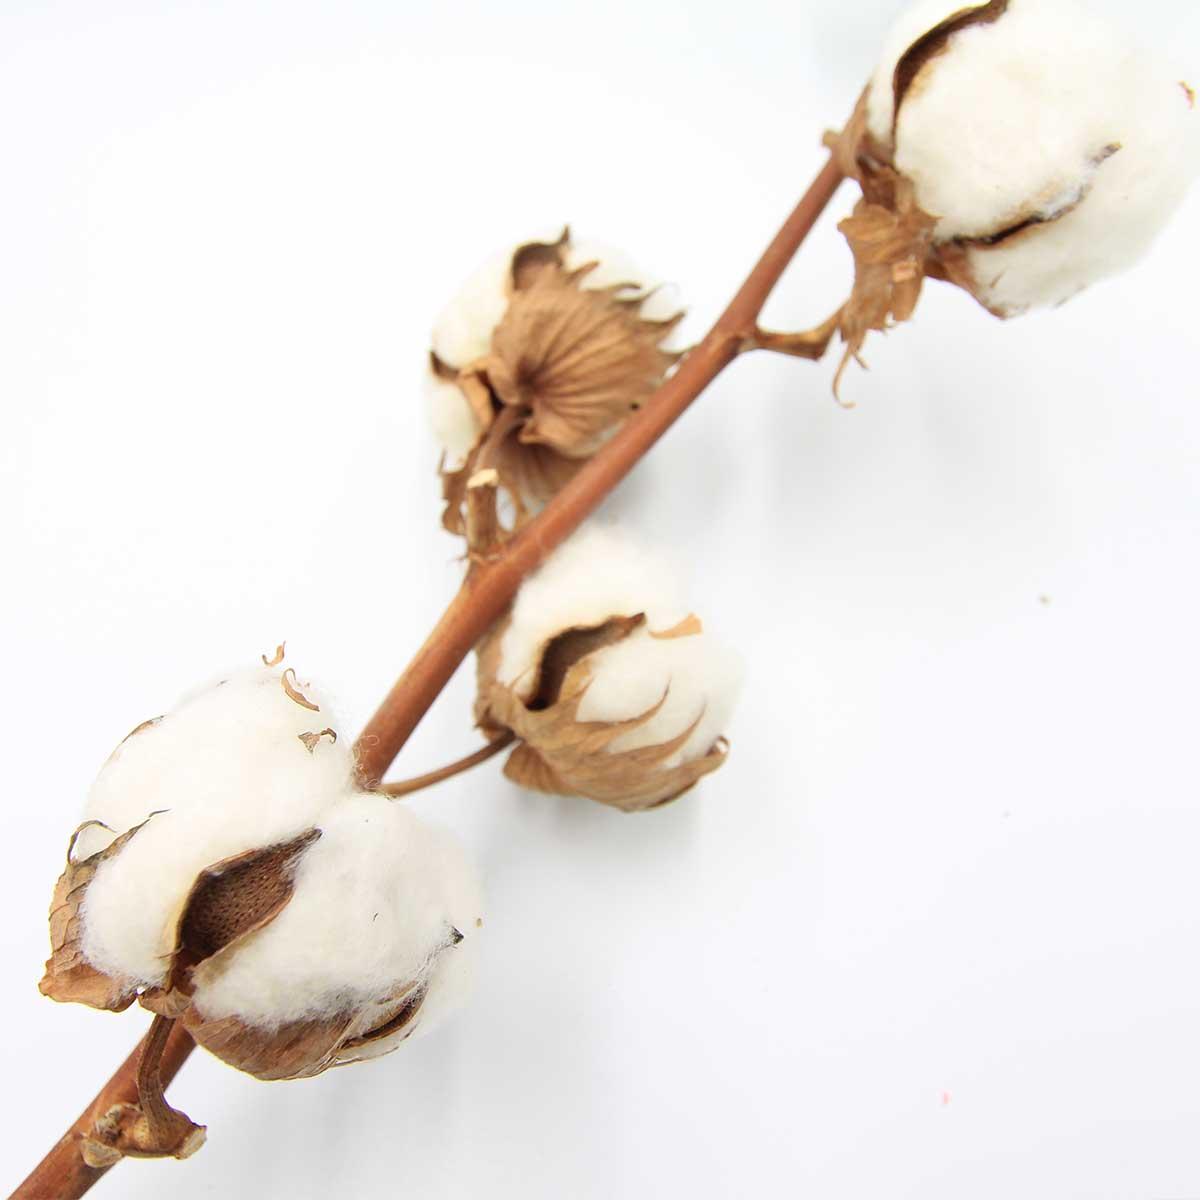 コットンフラワー 装飾 飾り付け リース スワッグ ナチュラルホワイト 綿の木 ワタ 1本 5ヘッド付き インテリア ハンドメイド